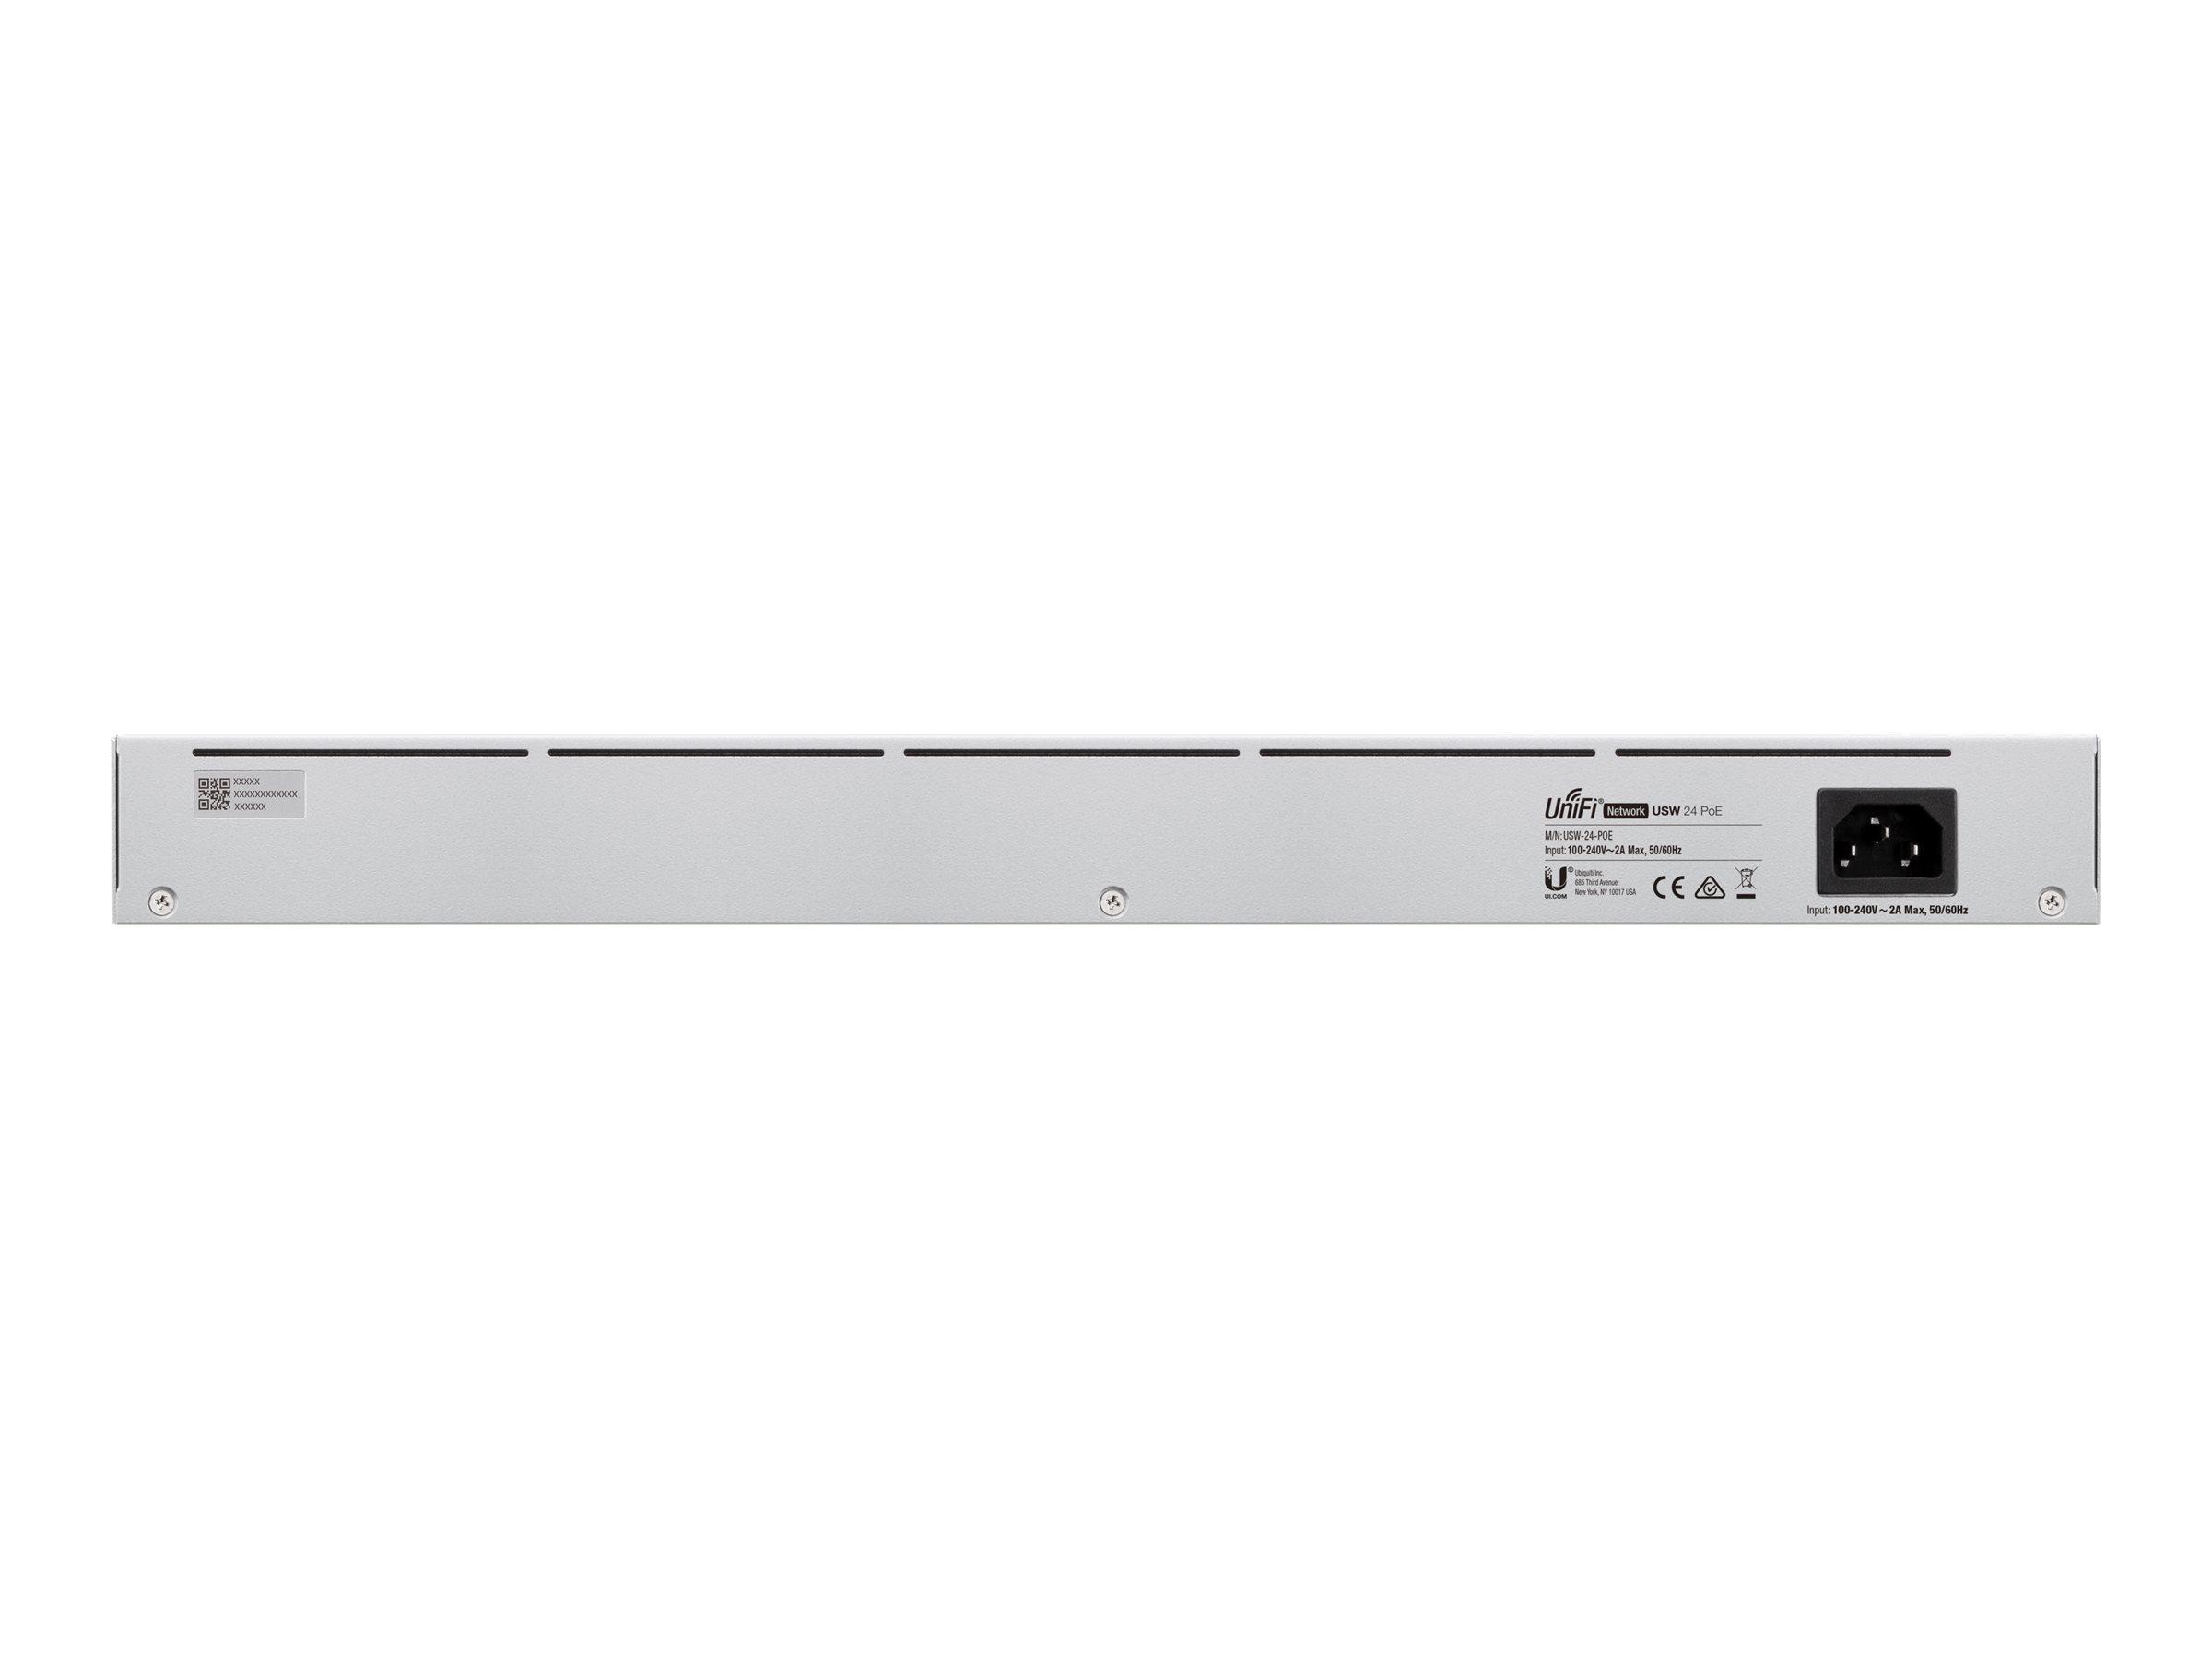 Ubiquiti UniFi Switch USW-24-POE - switch - 24 ports - managed - rack-mountable